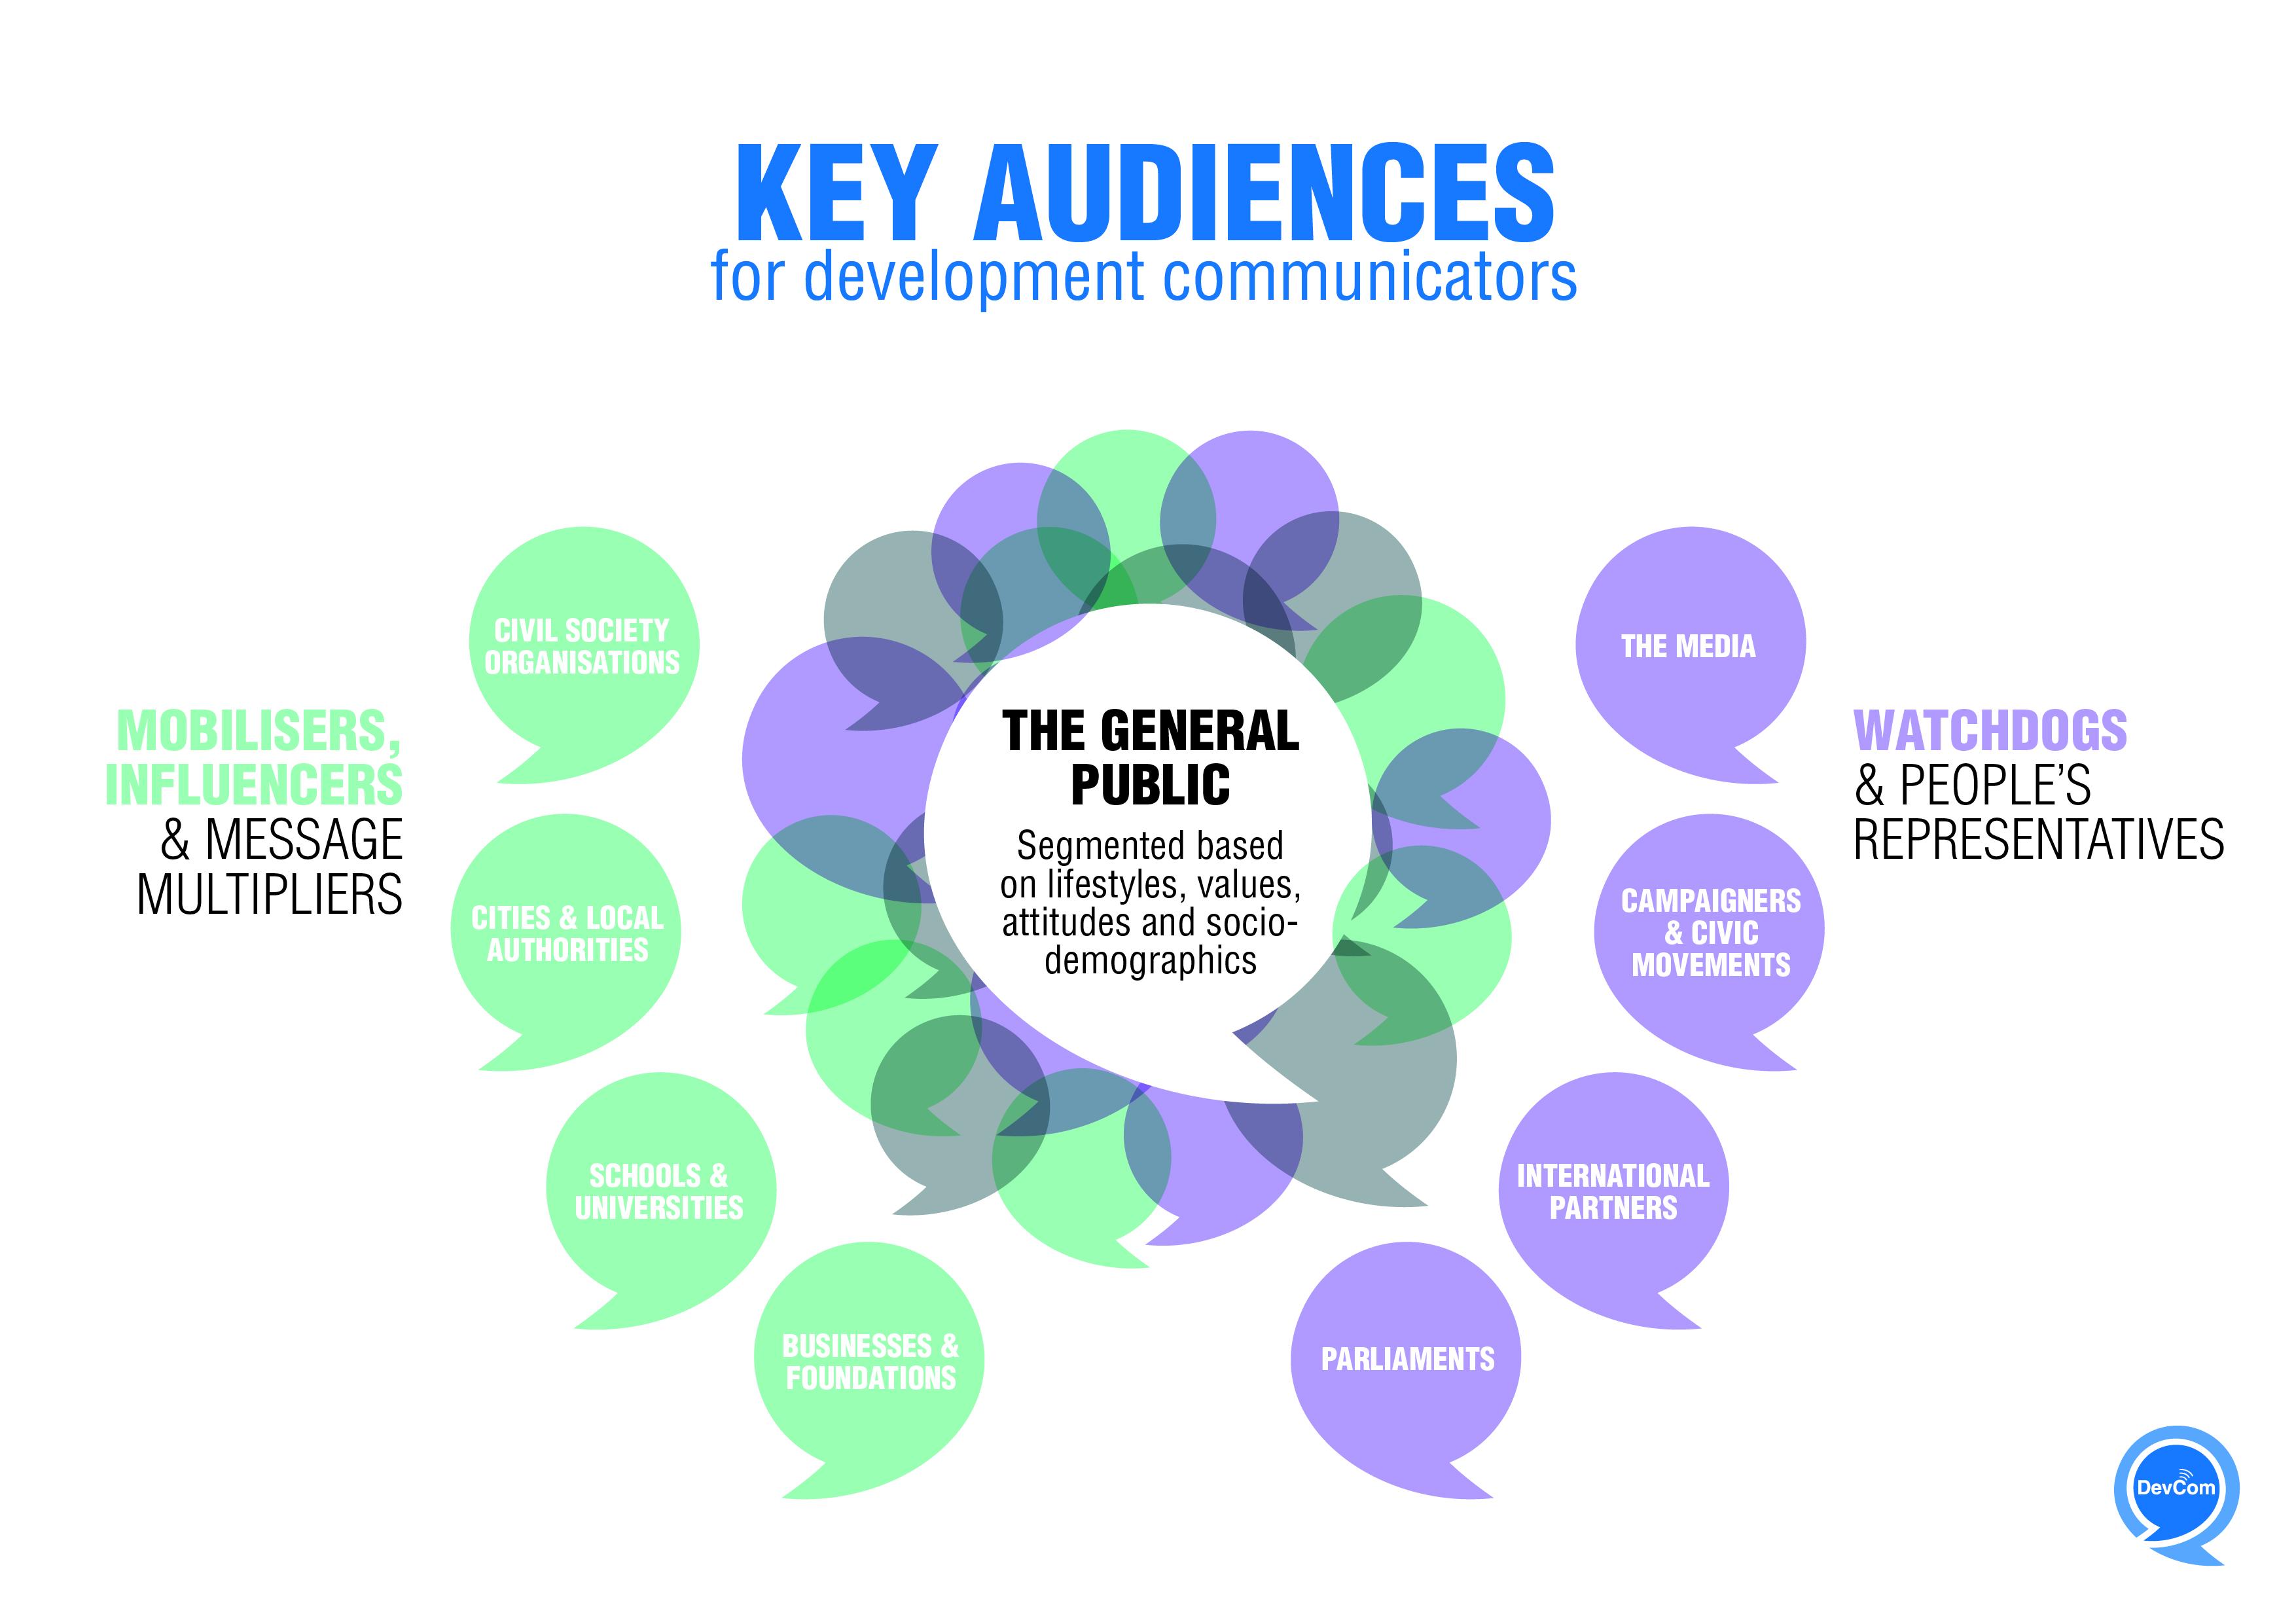 Infographic - Key audiences for development communicators